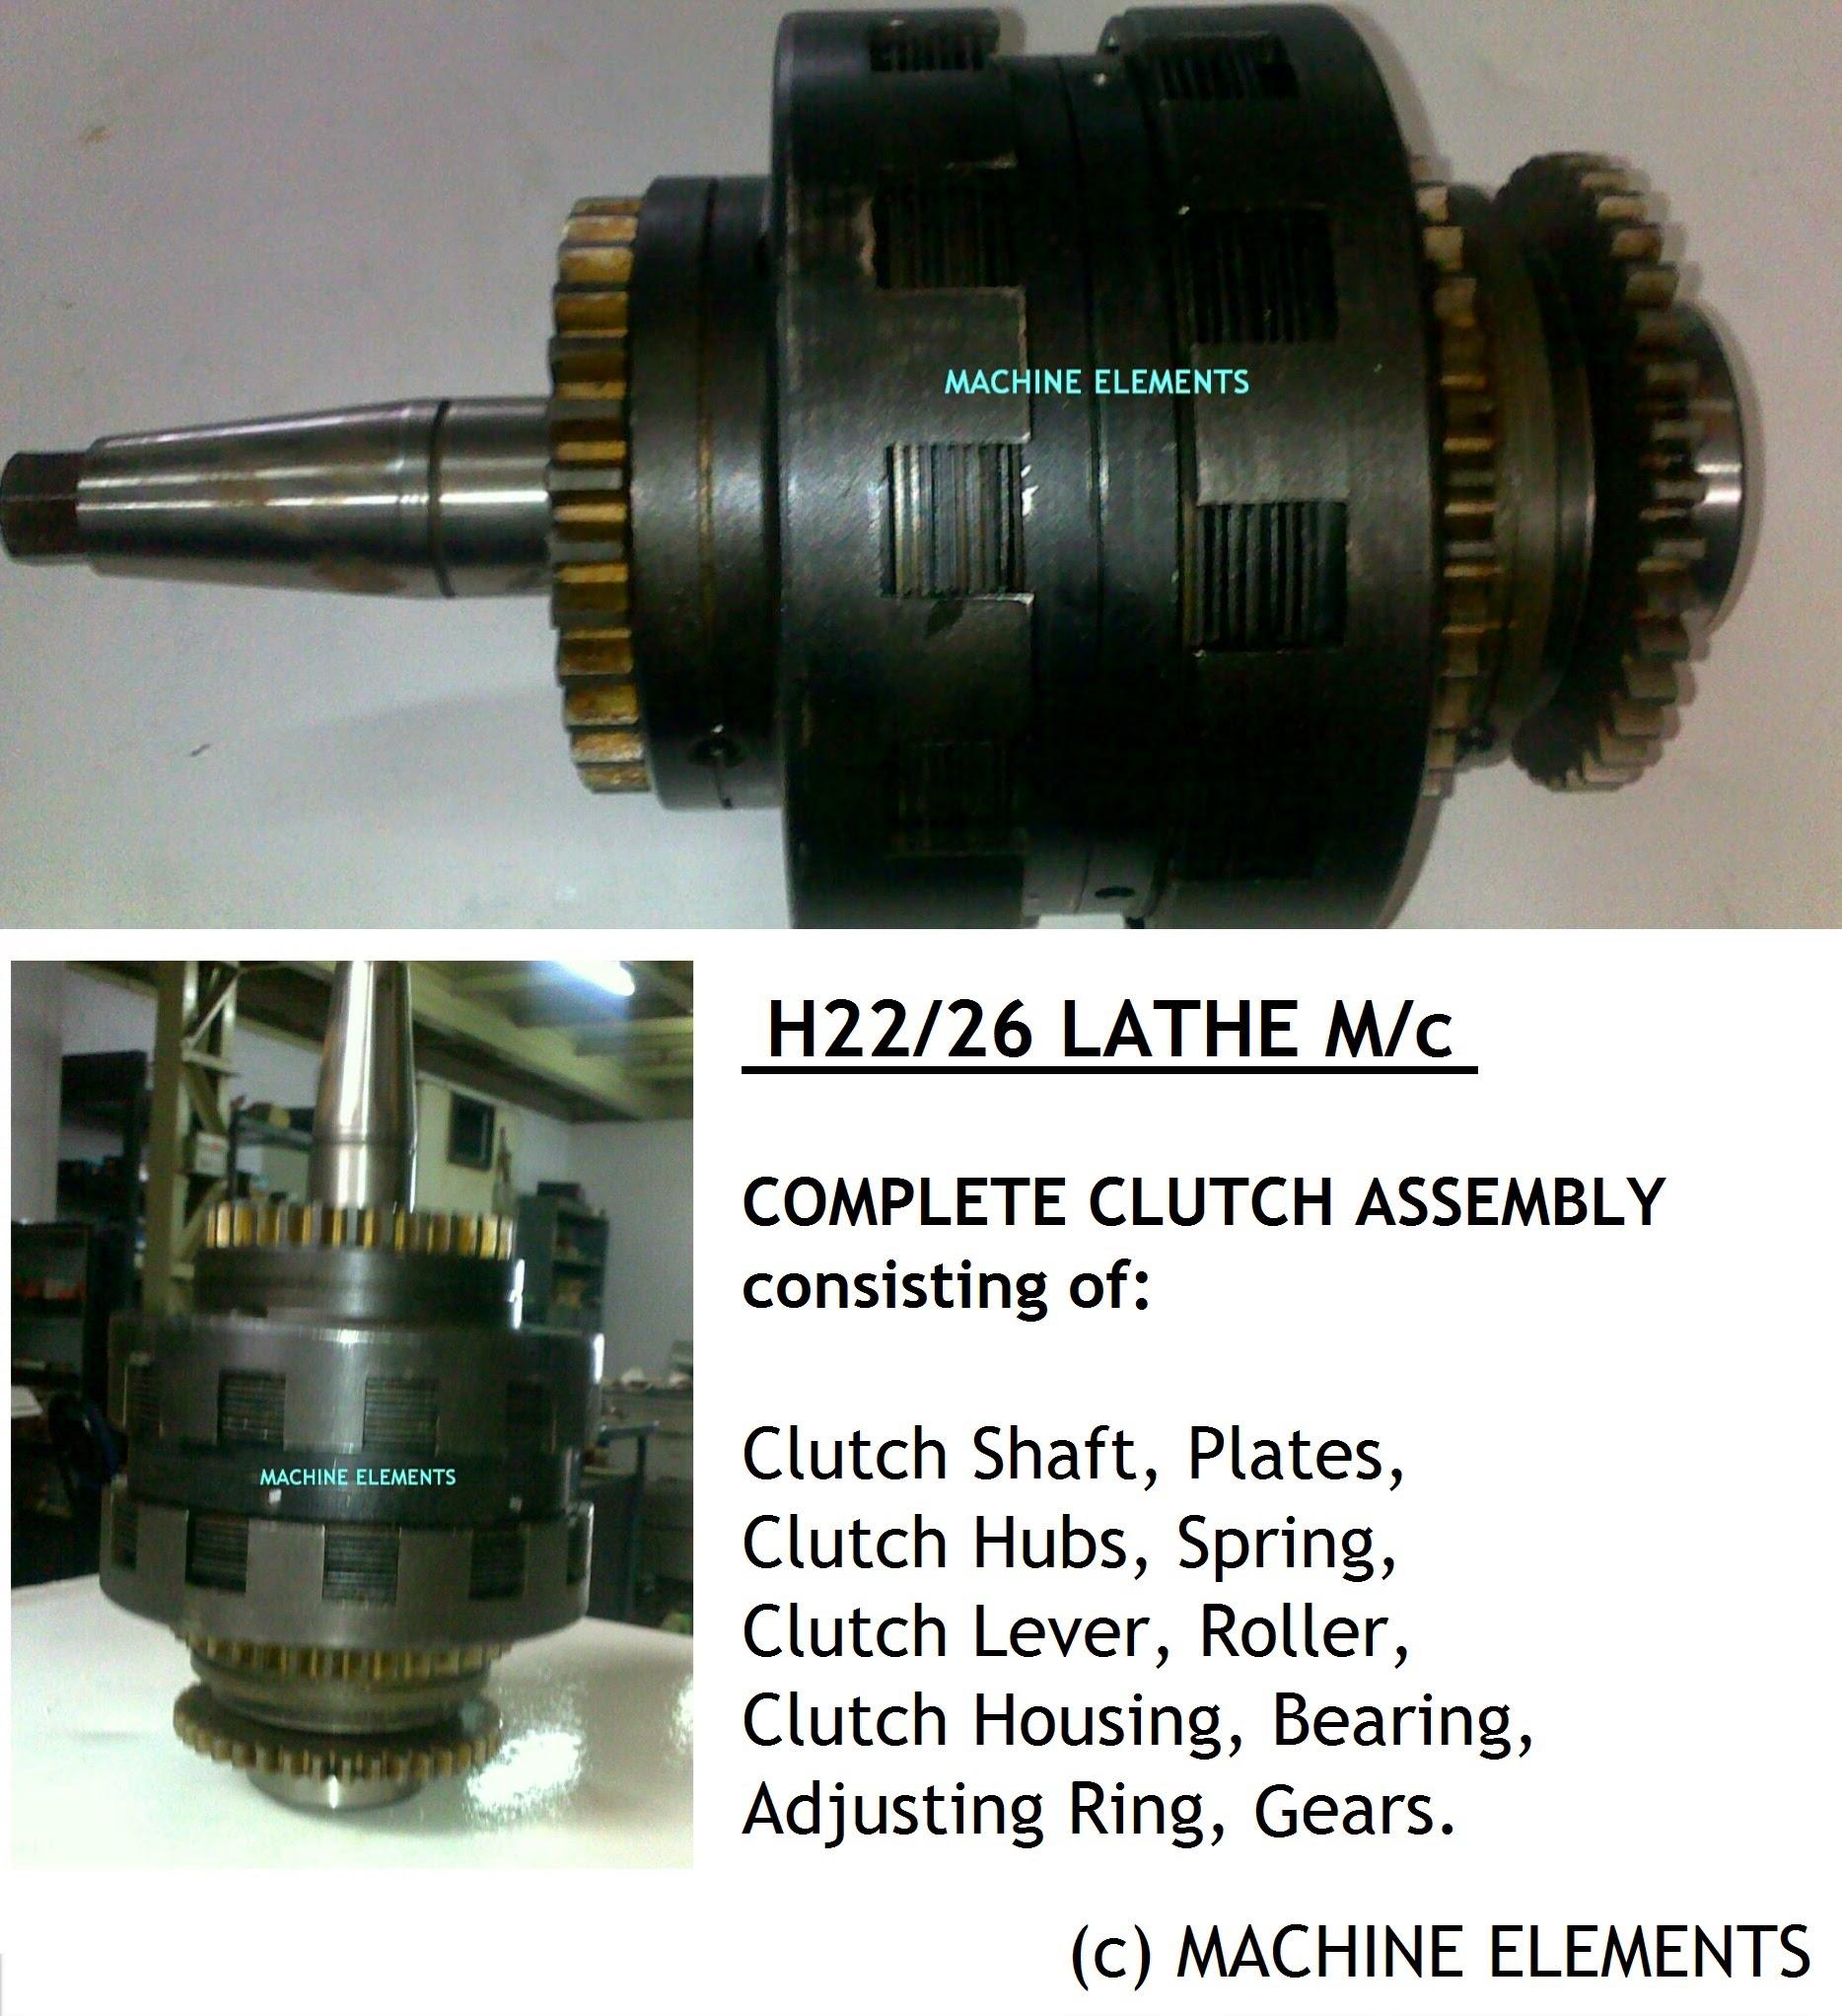 Clutch Assembly H-22